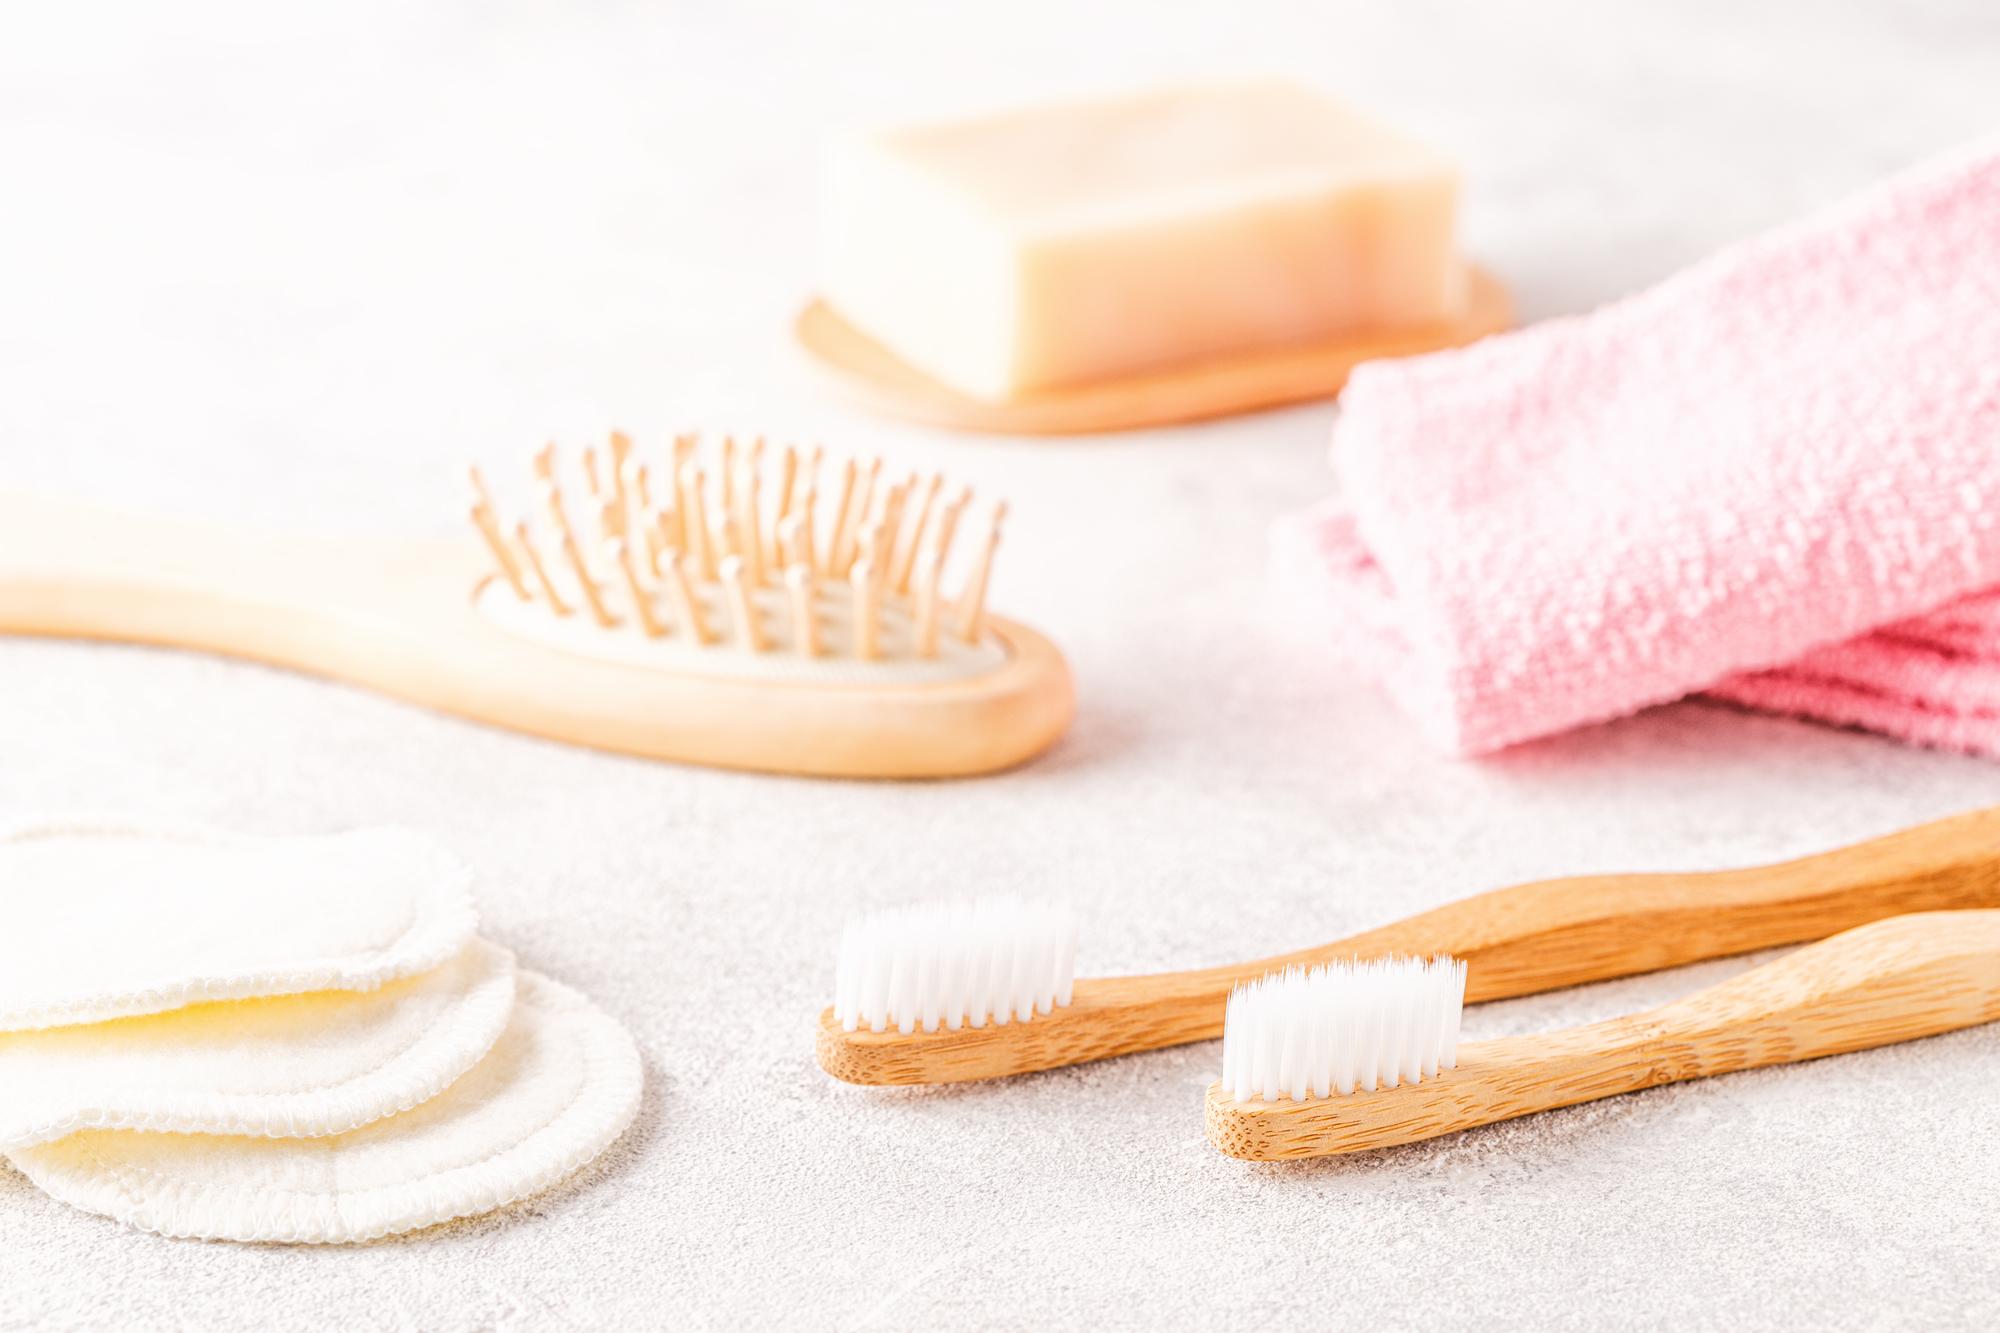 歯茎が腫れる原因と治療法を紹介!5つの不快な症状を解説